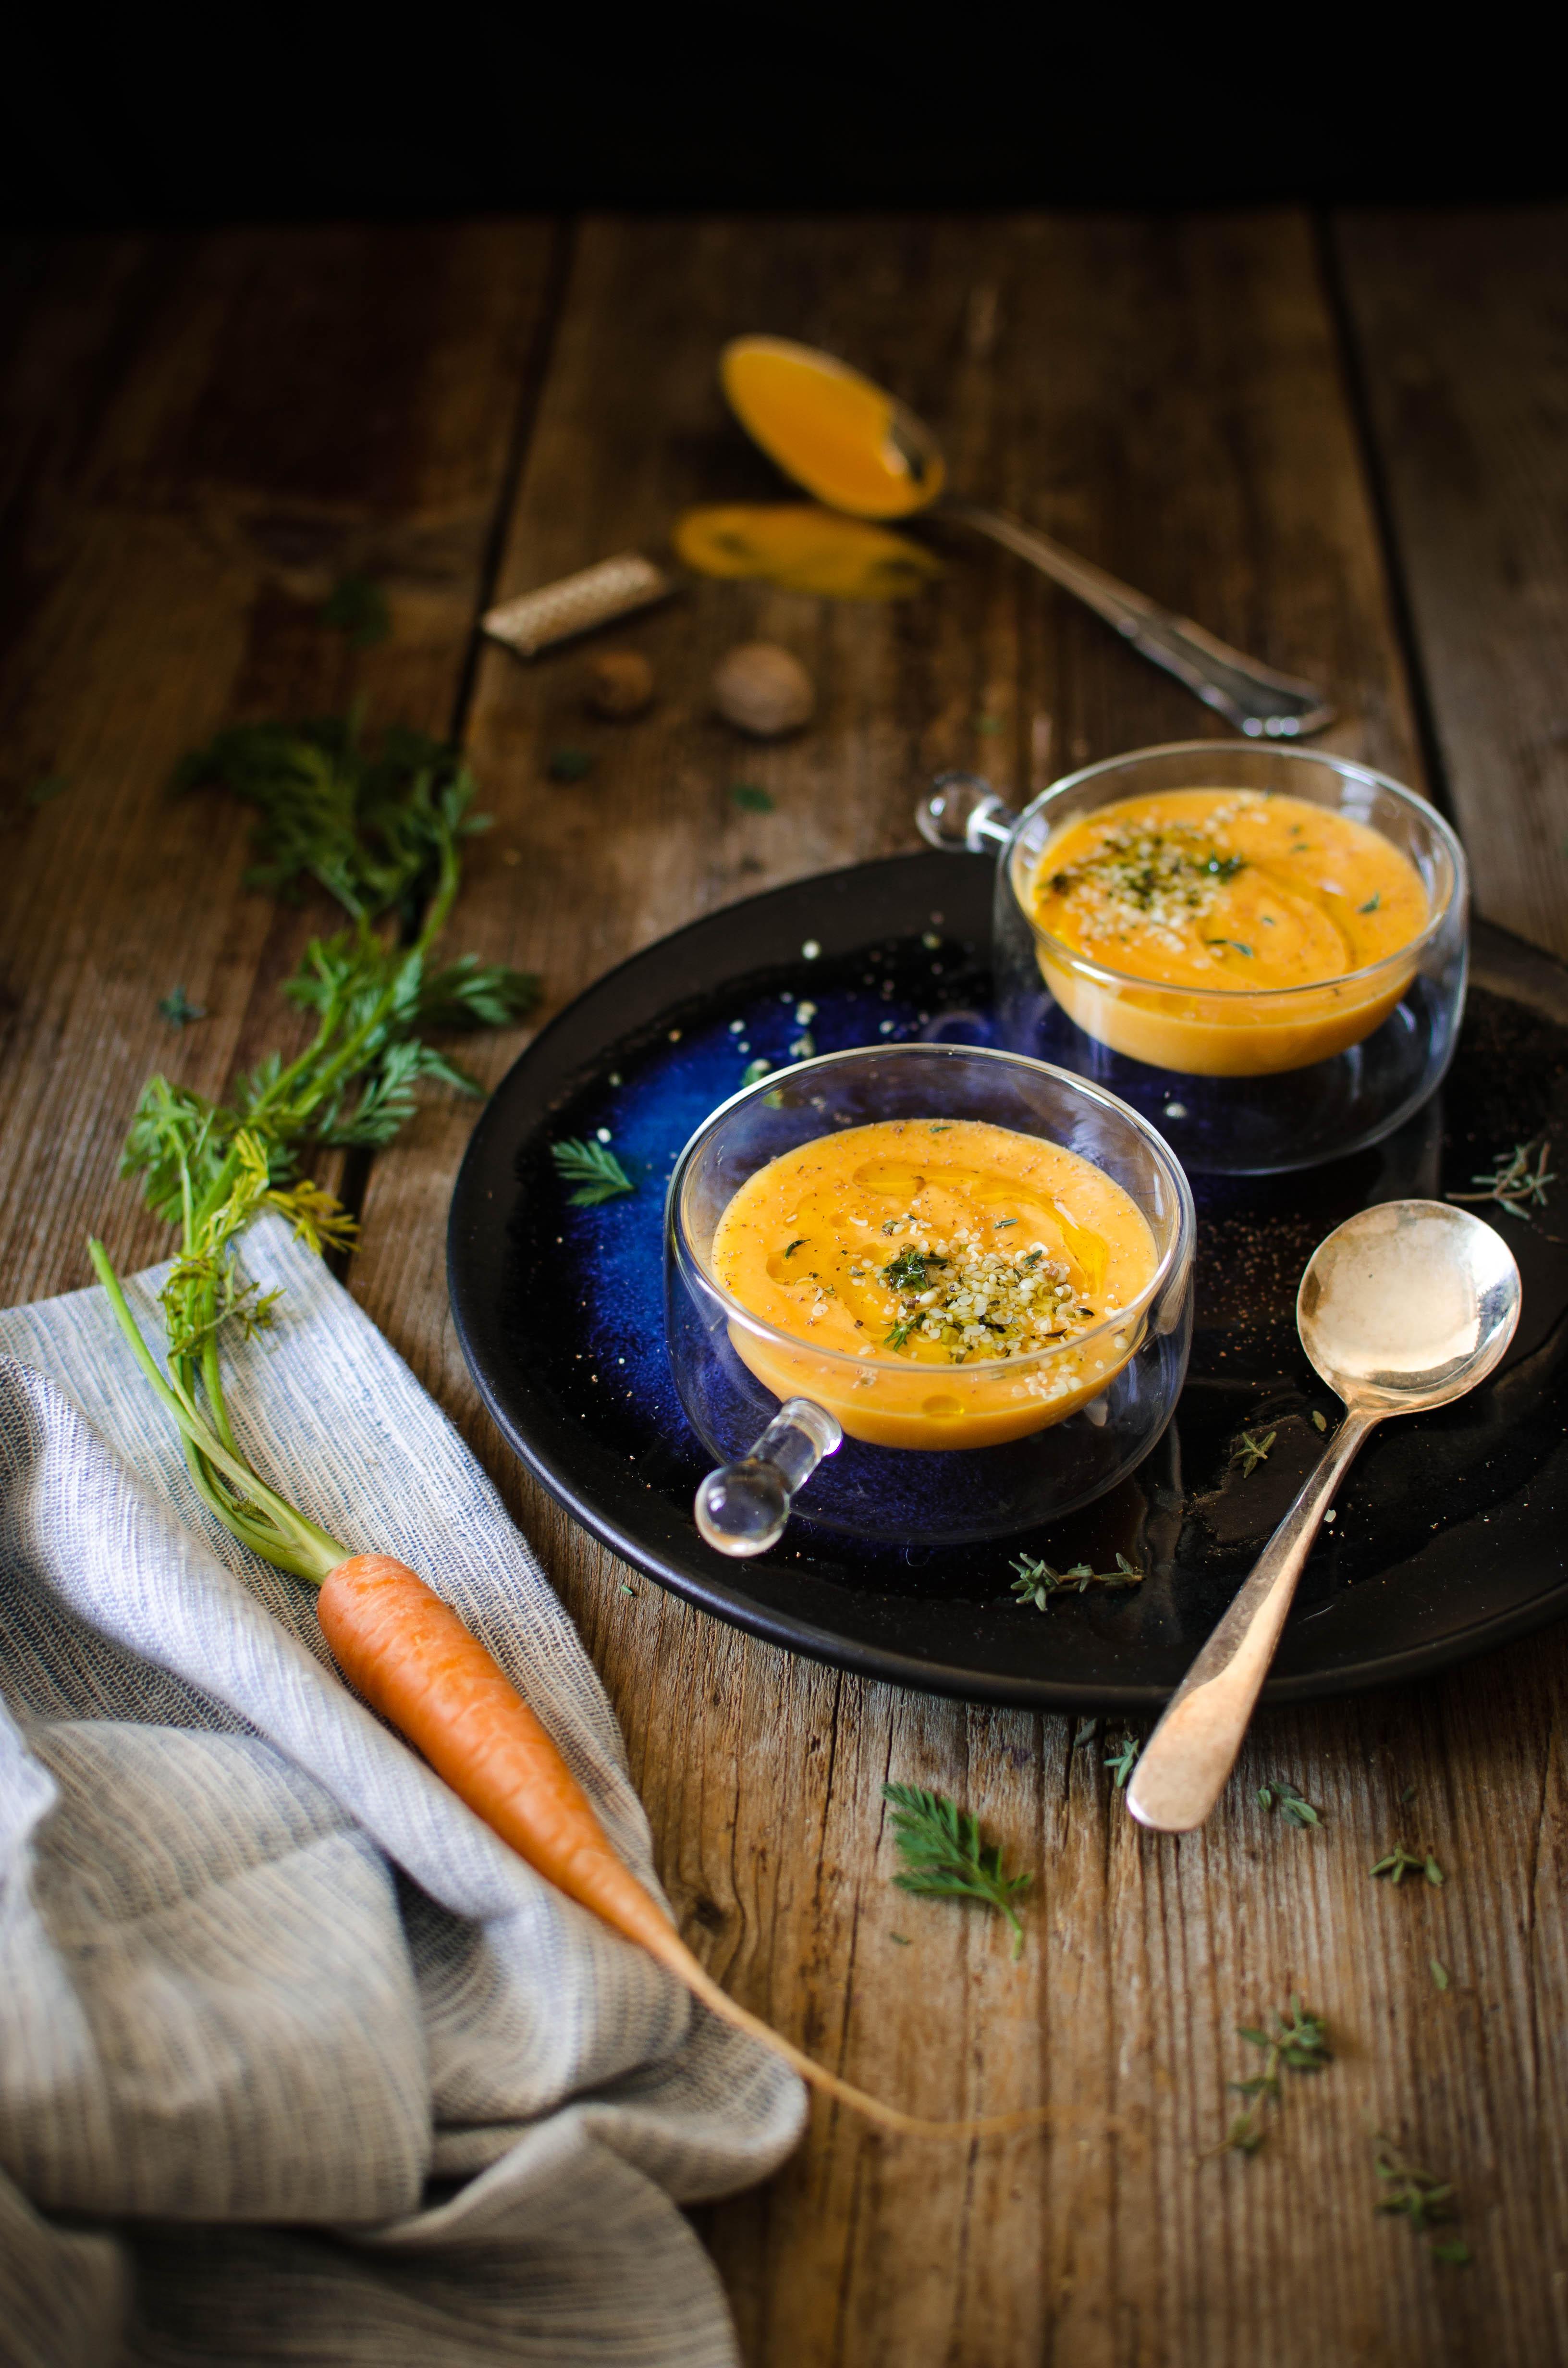 vellutara_carote_canapa2 Vellutata di carote con latte di semi di canapa